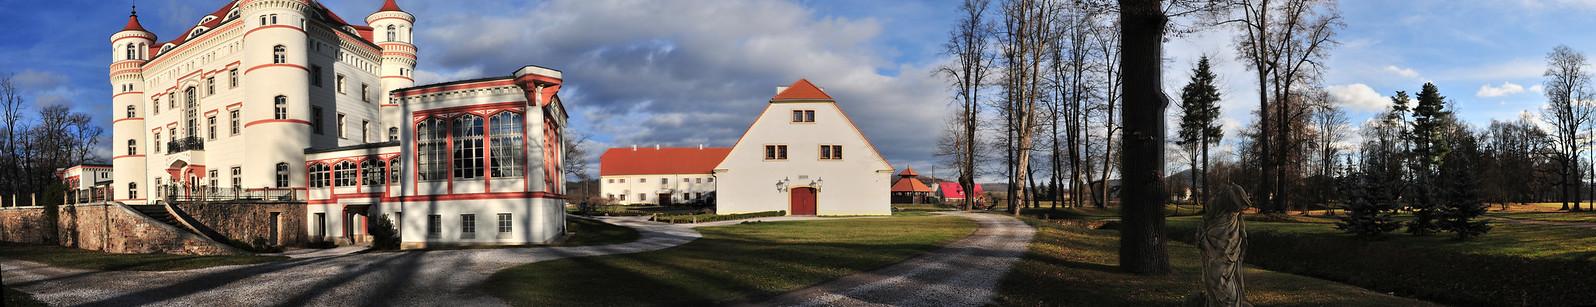 Wojanov Palace and grounds, Lower Silesia, Poland